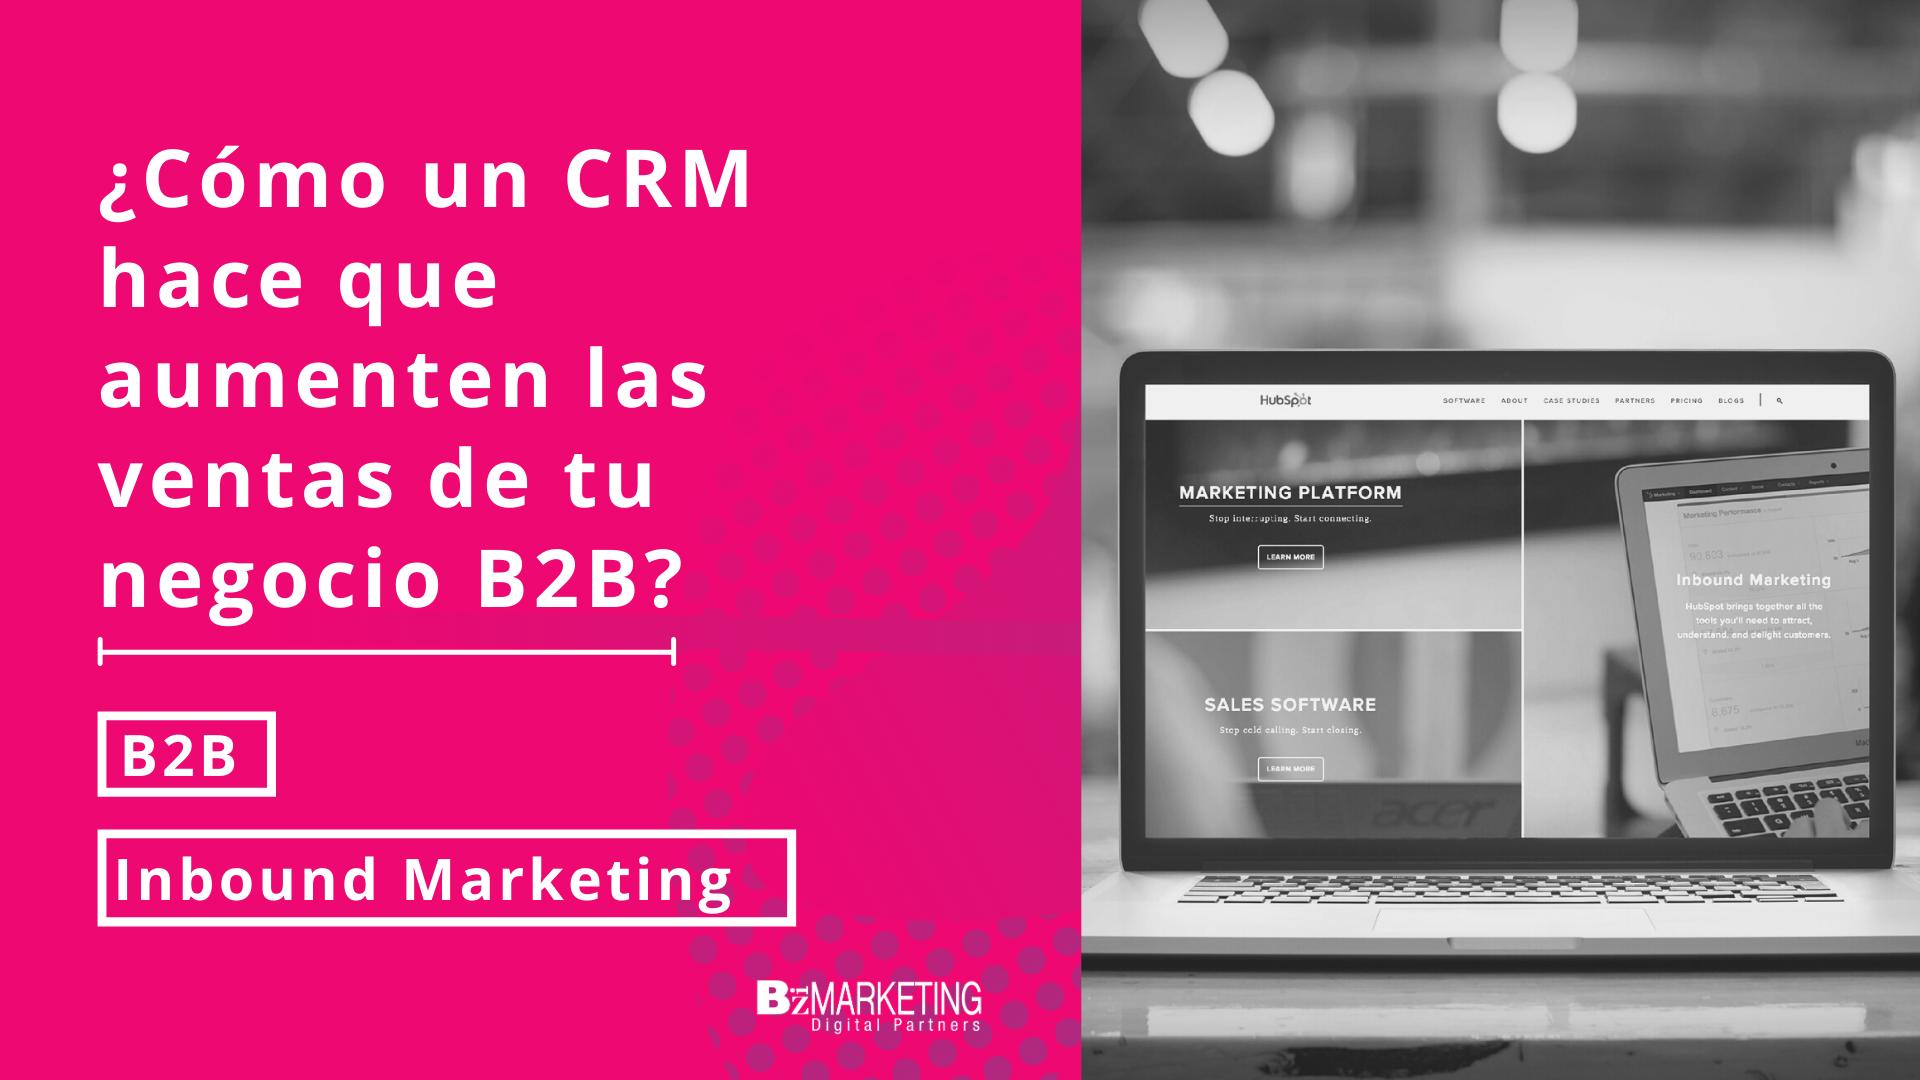 ¿Cómo un CRM hace que aumenten las ventas en un negocio B2B?